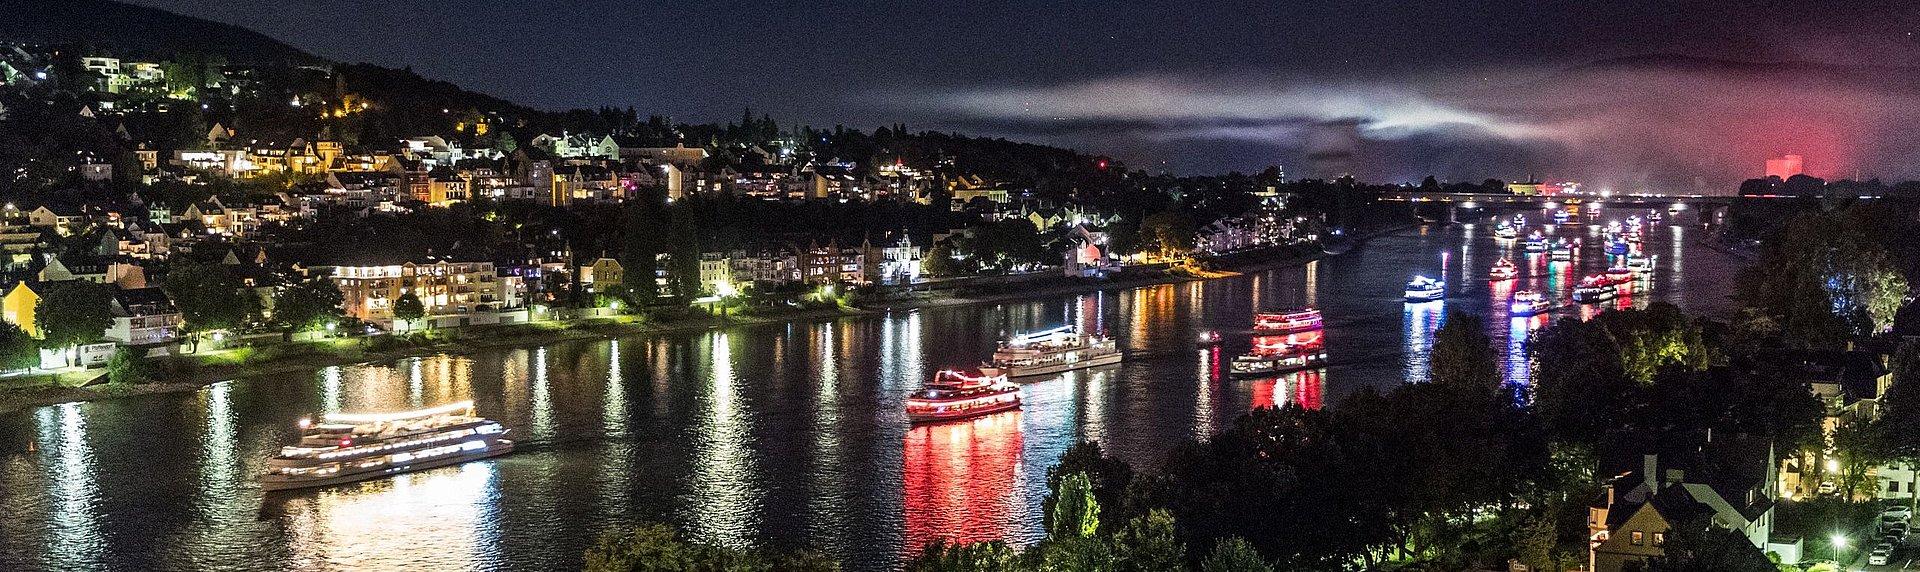 Schiffskorso zu Rhein in Flammen, Romantischer Rhein